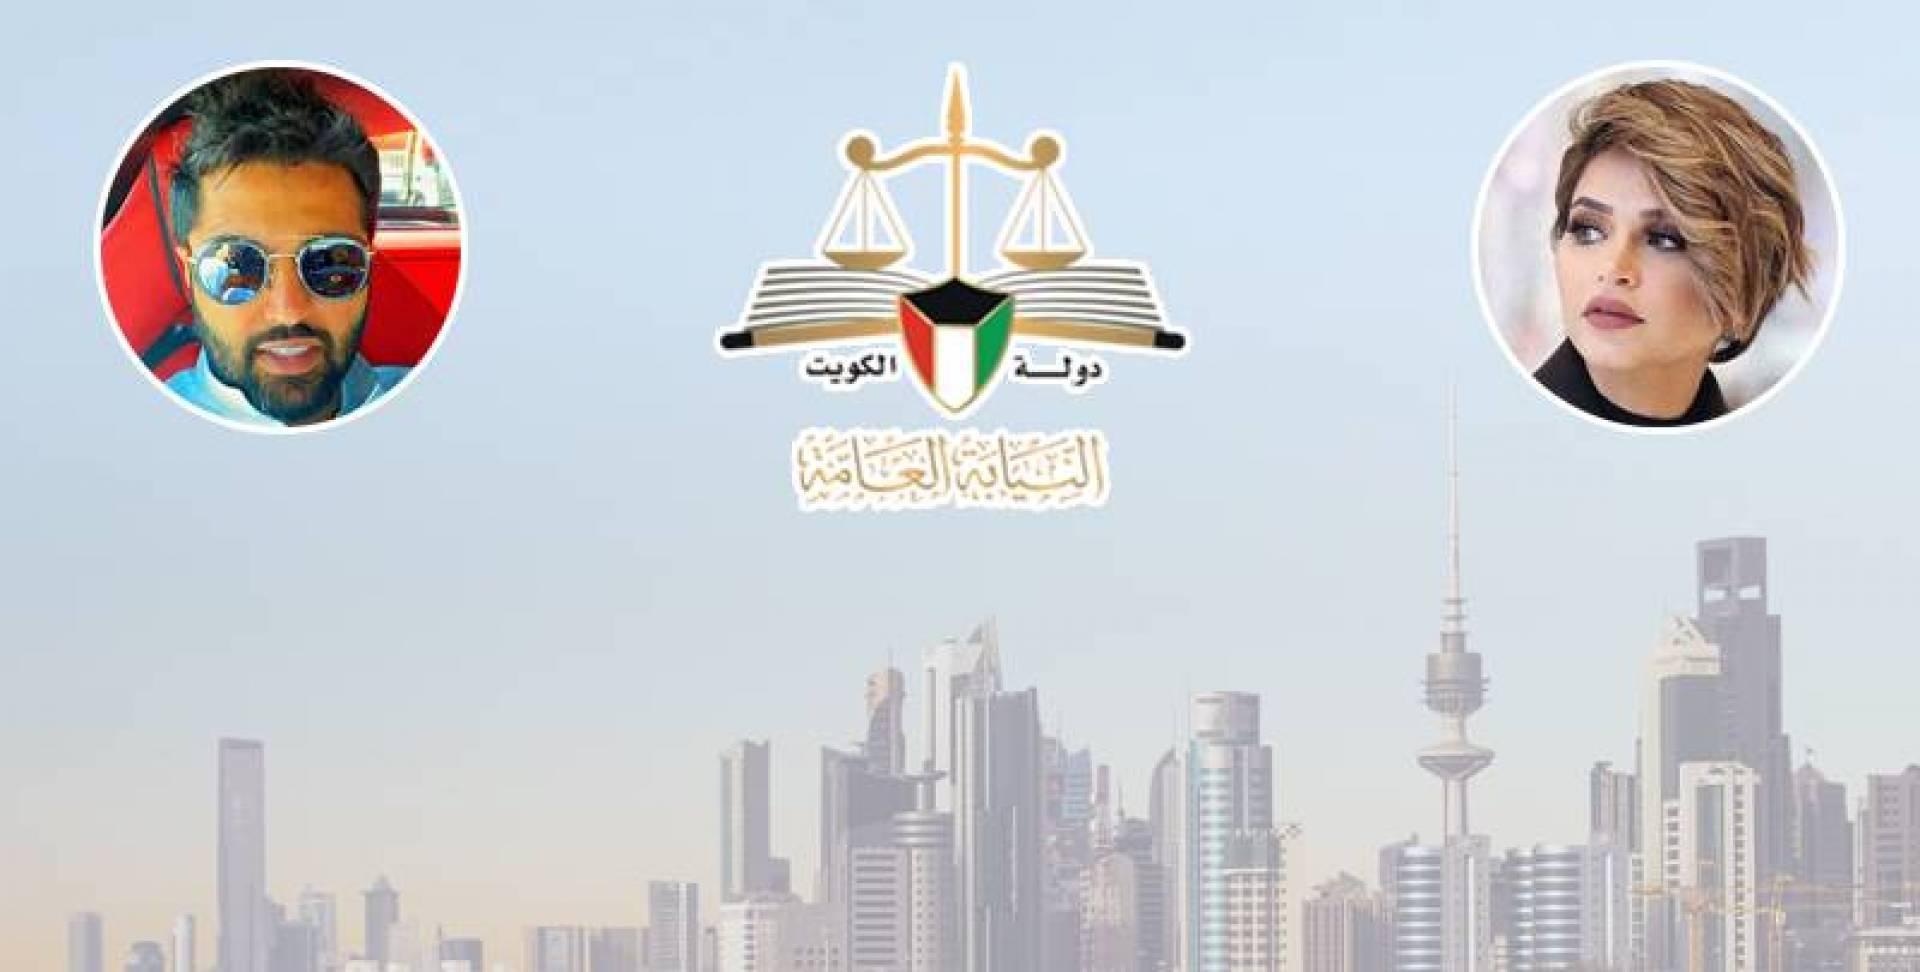 مستندات بوشهري ونهى نبيل في قبضة النيابة